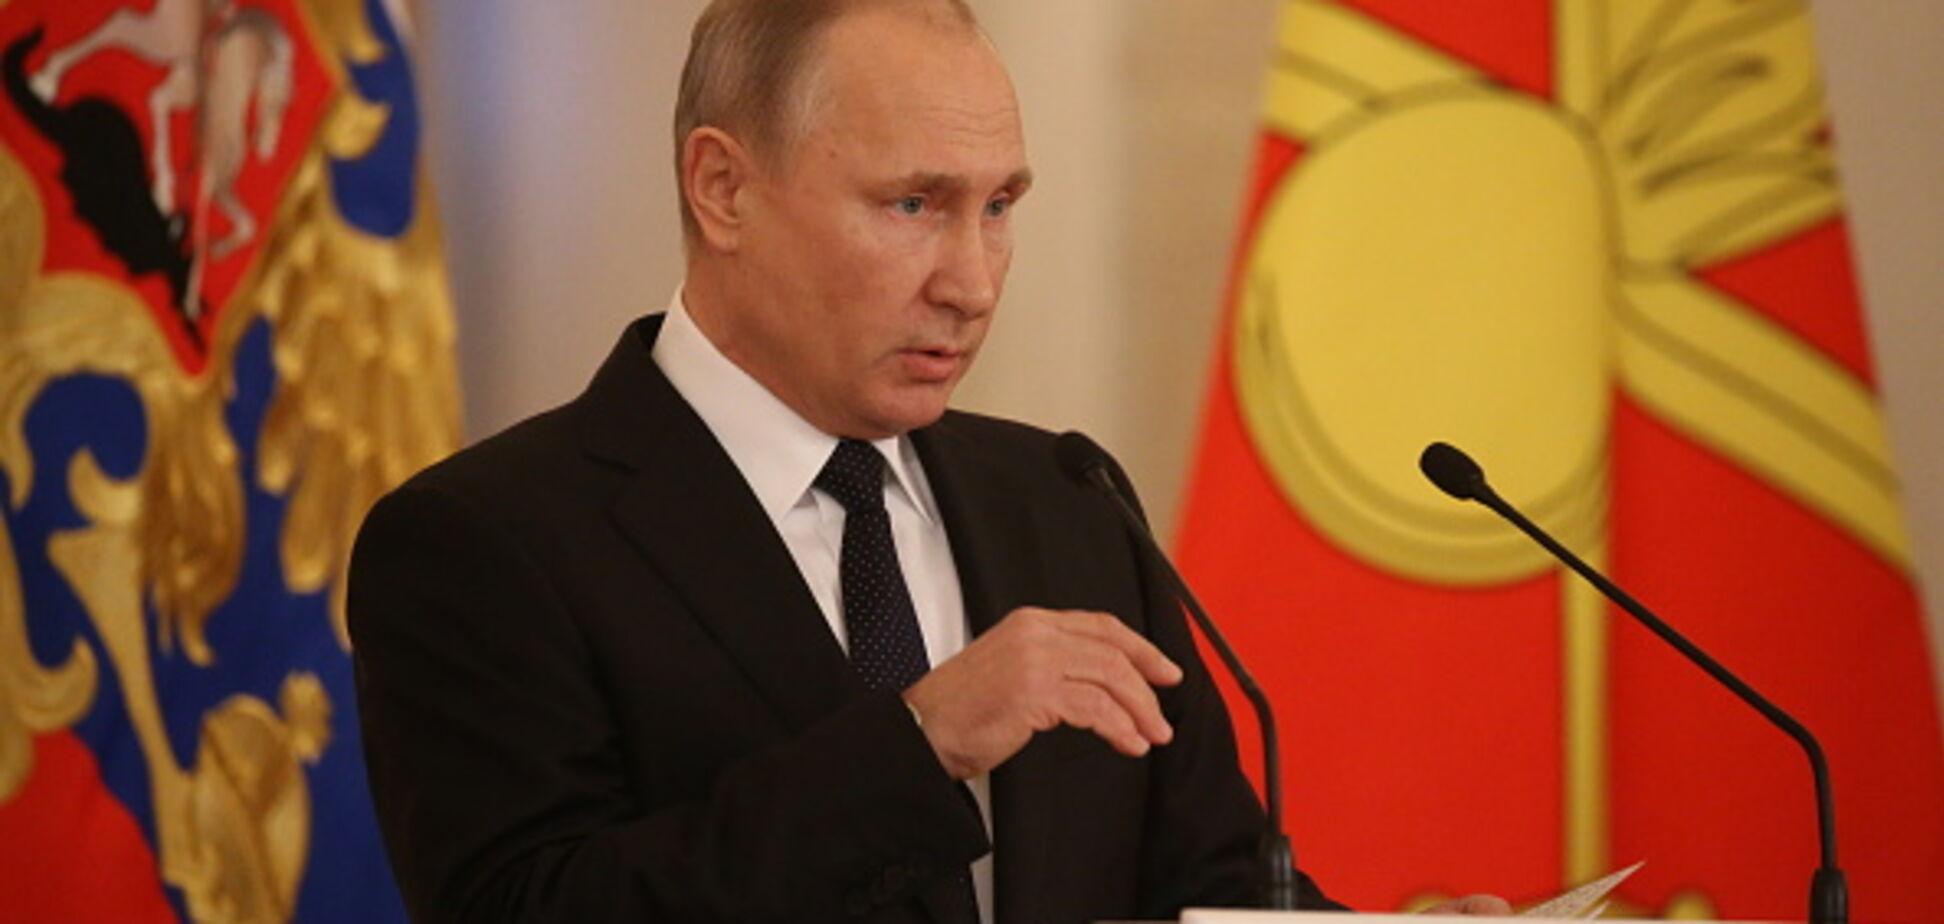 По примеру Китая: Путин может стать пожизненным правителем России